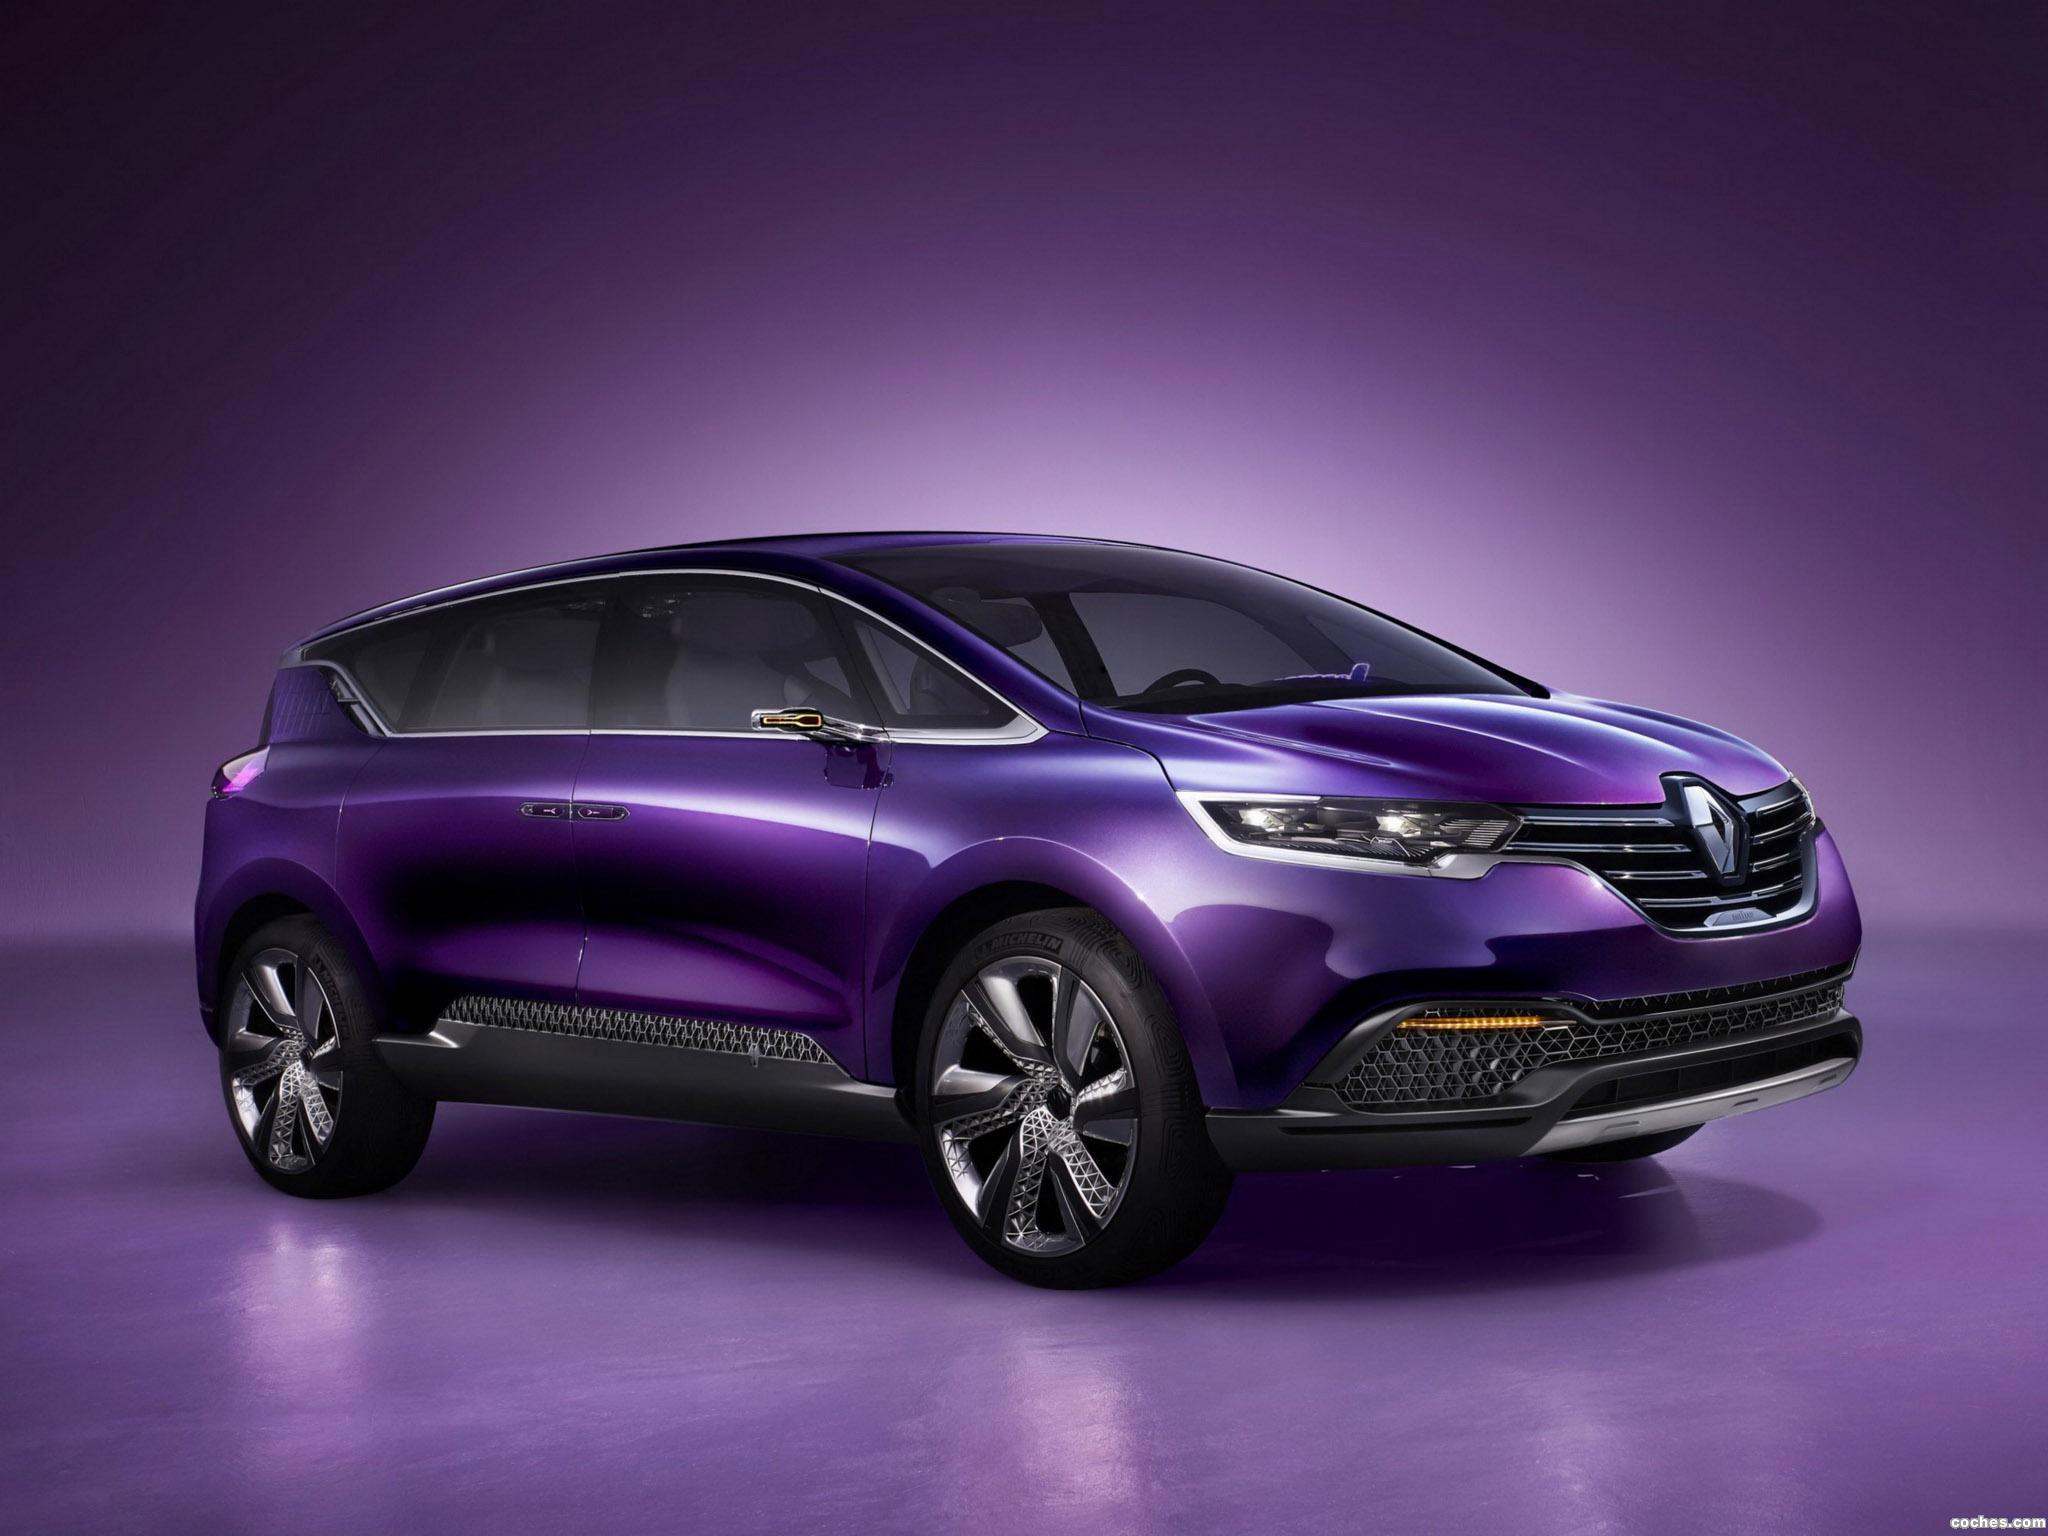 Foto 0 de Renault Initiale Paris Concept 2013